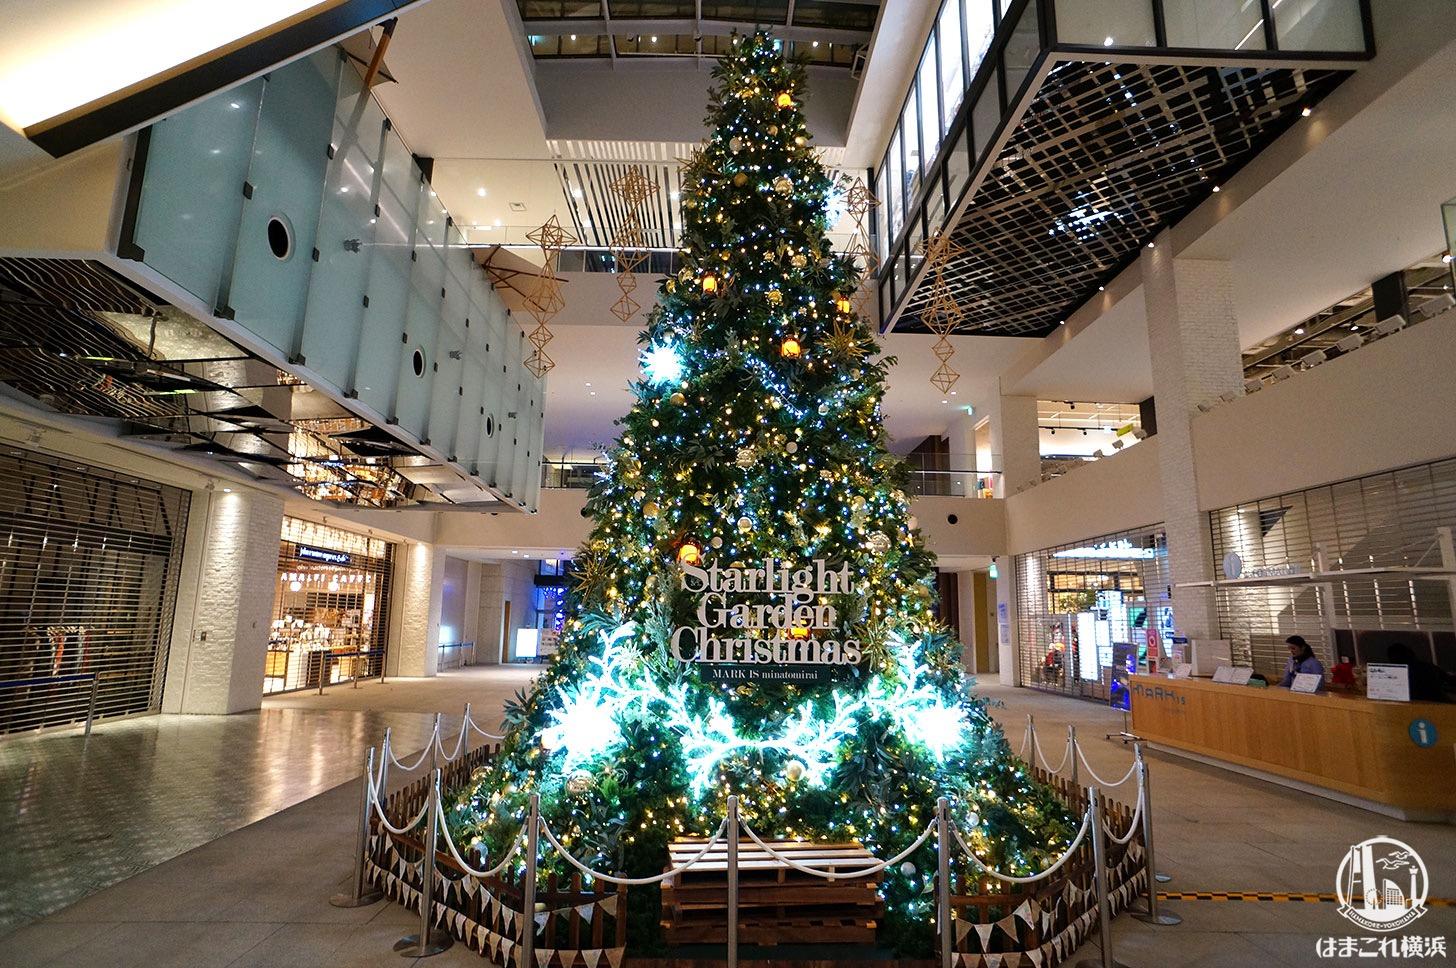 マークイズみなとみらい クリスマスツリー